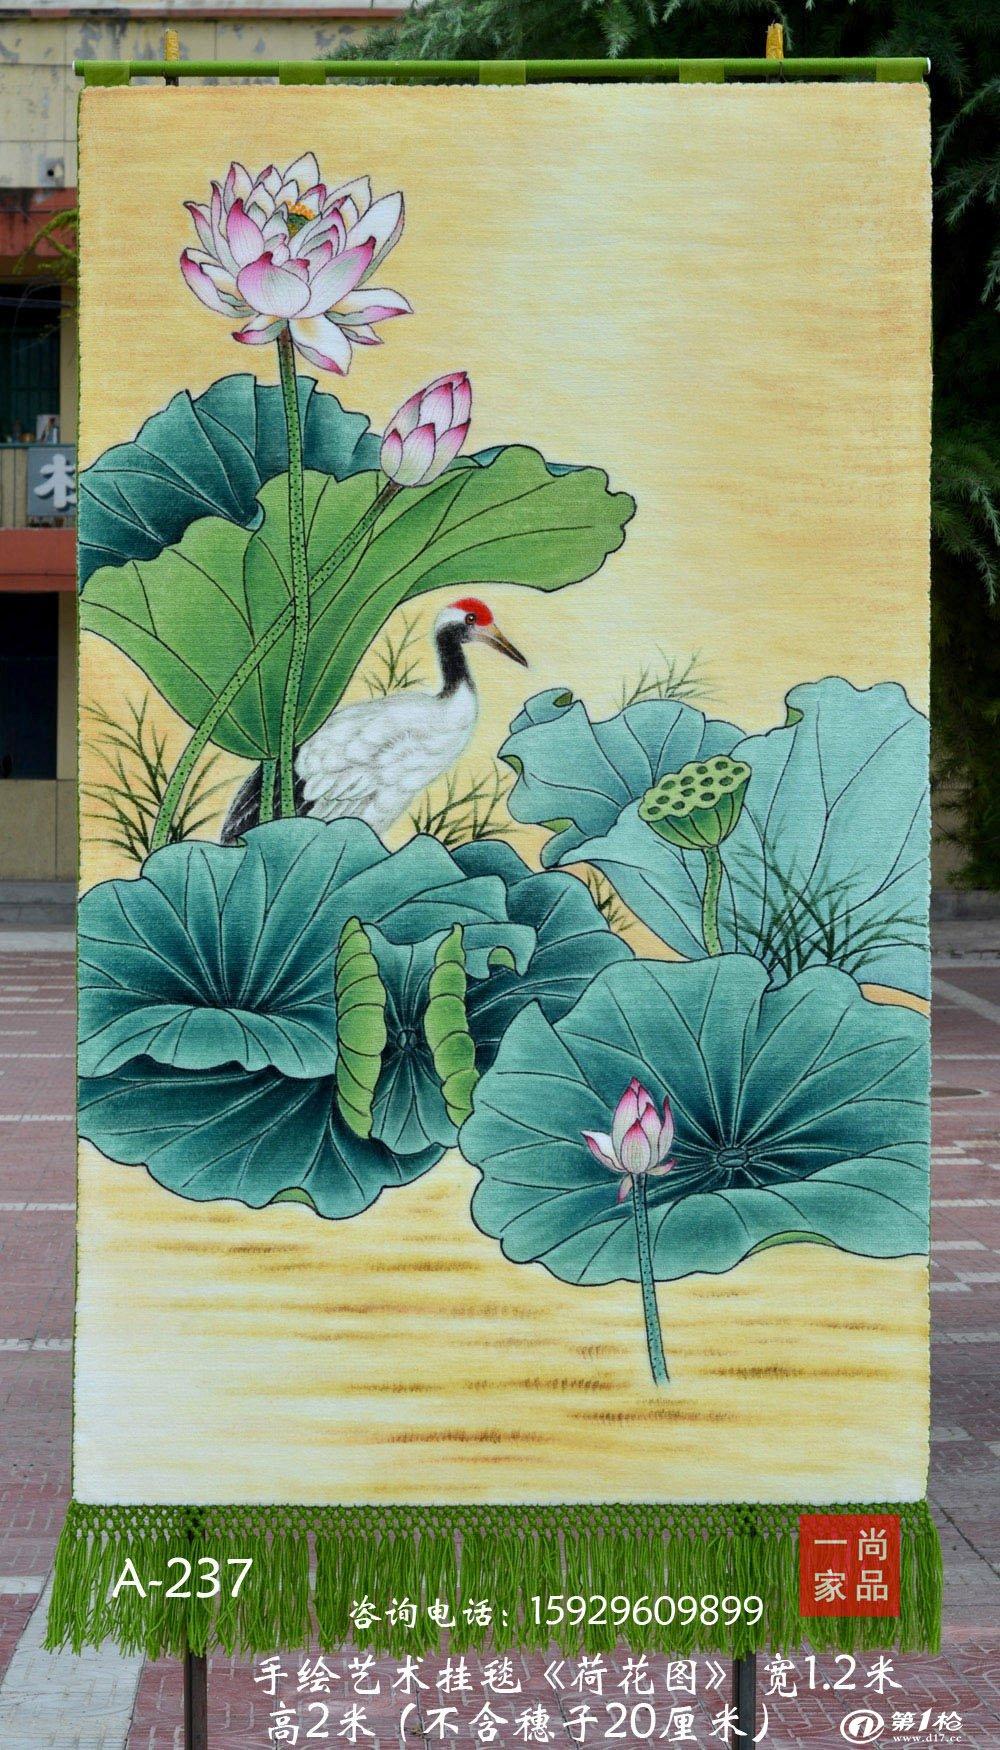 荷花仙鹤图中式家居装饰壁挂毯客厅书房吸音材质挂毯图片